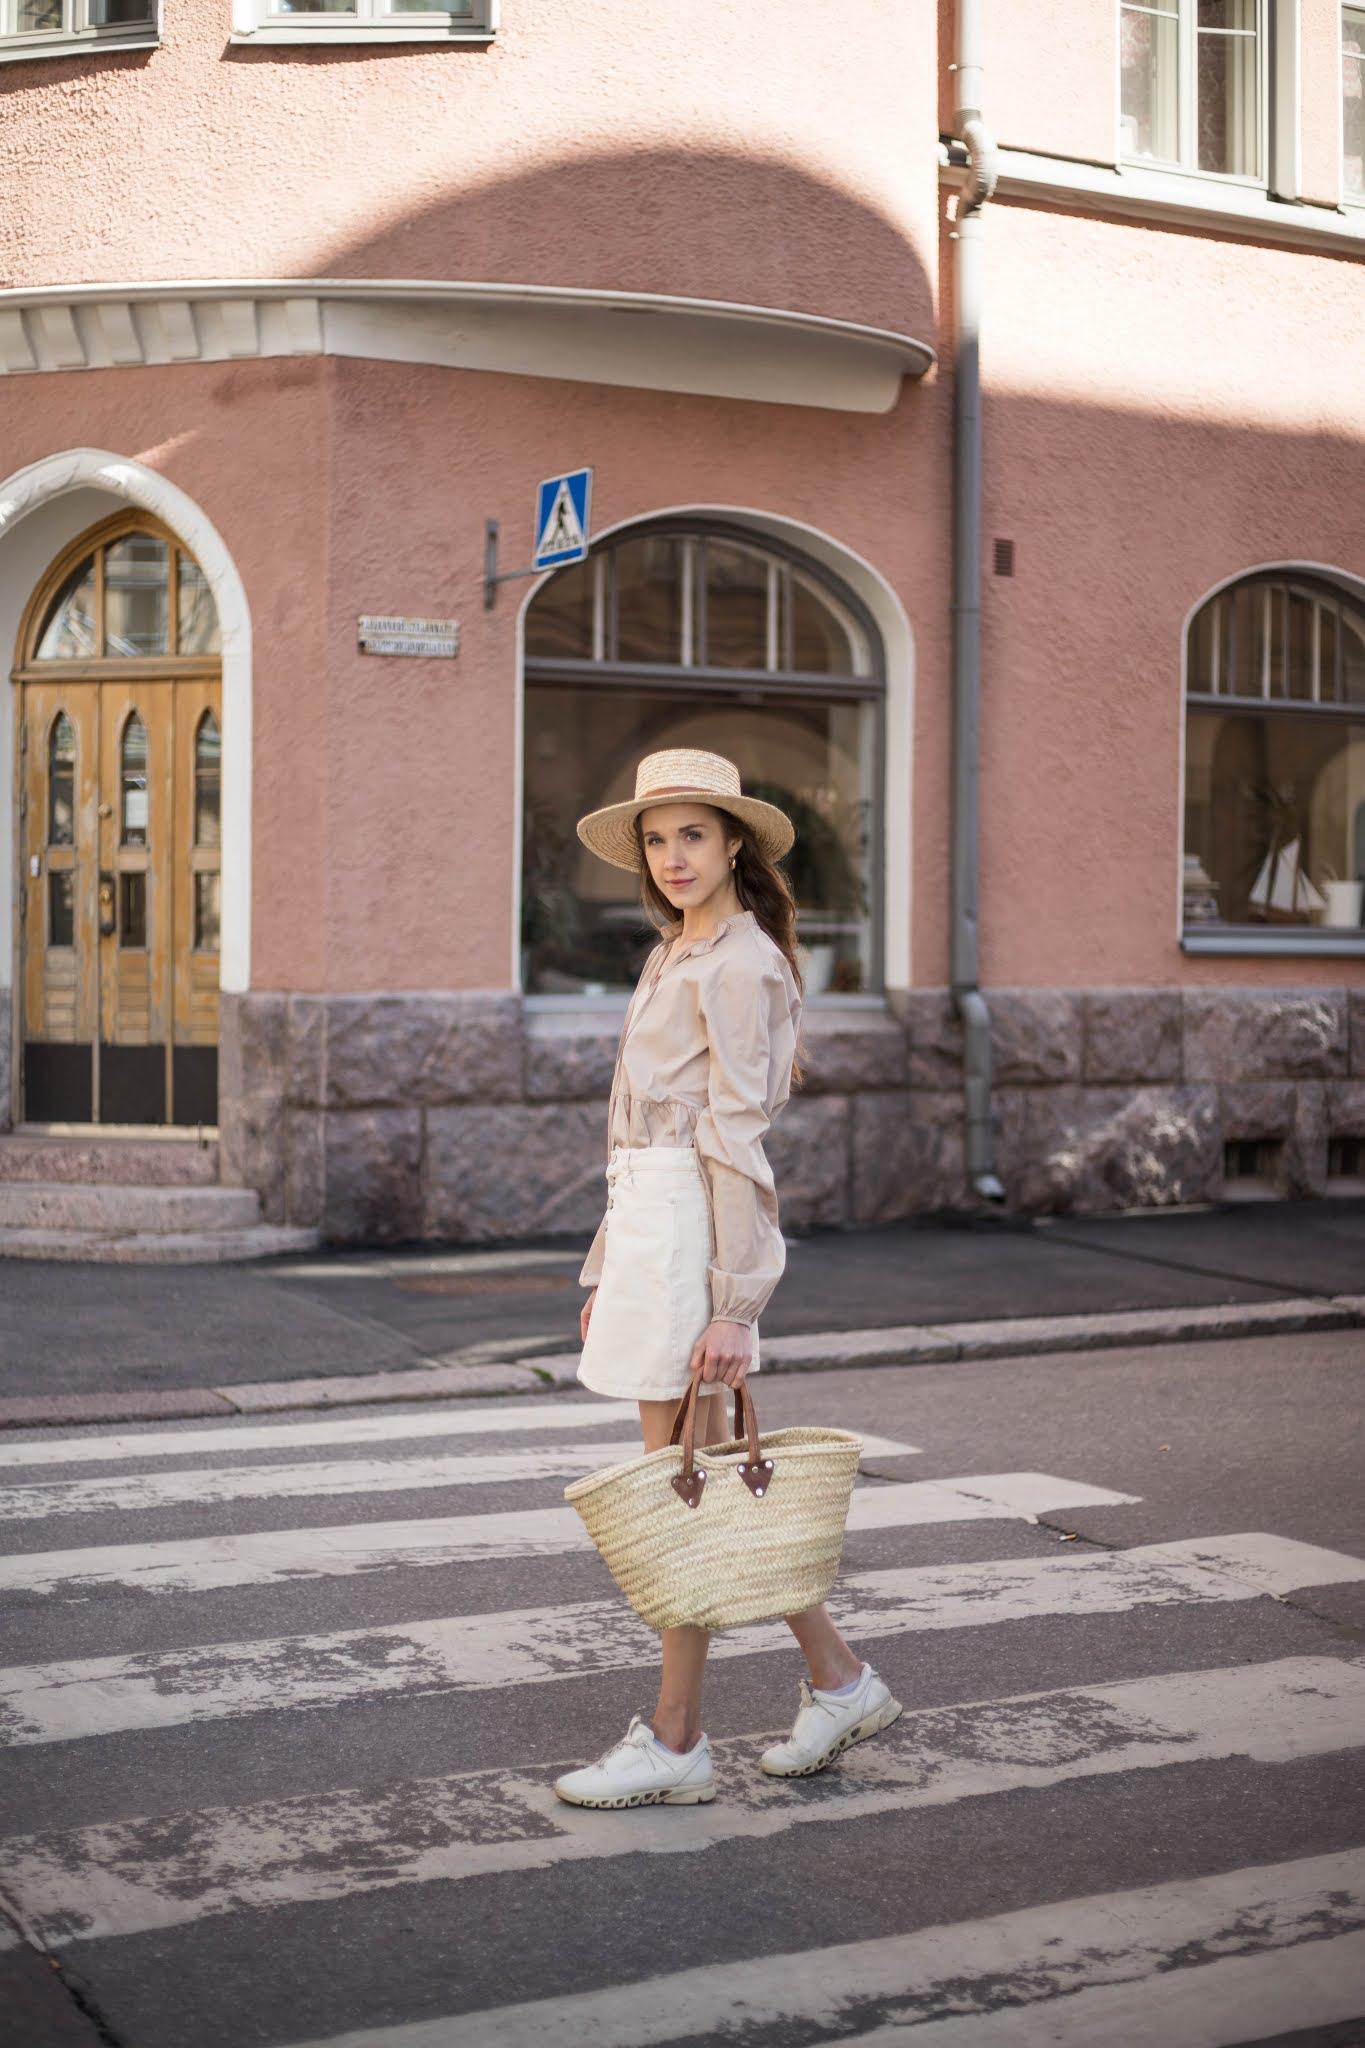 Neutraali kesäasu valkoisen farkkuhameen kanssa // Neutral summer outfit with white denim skirt